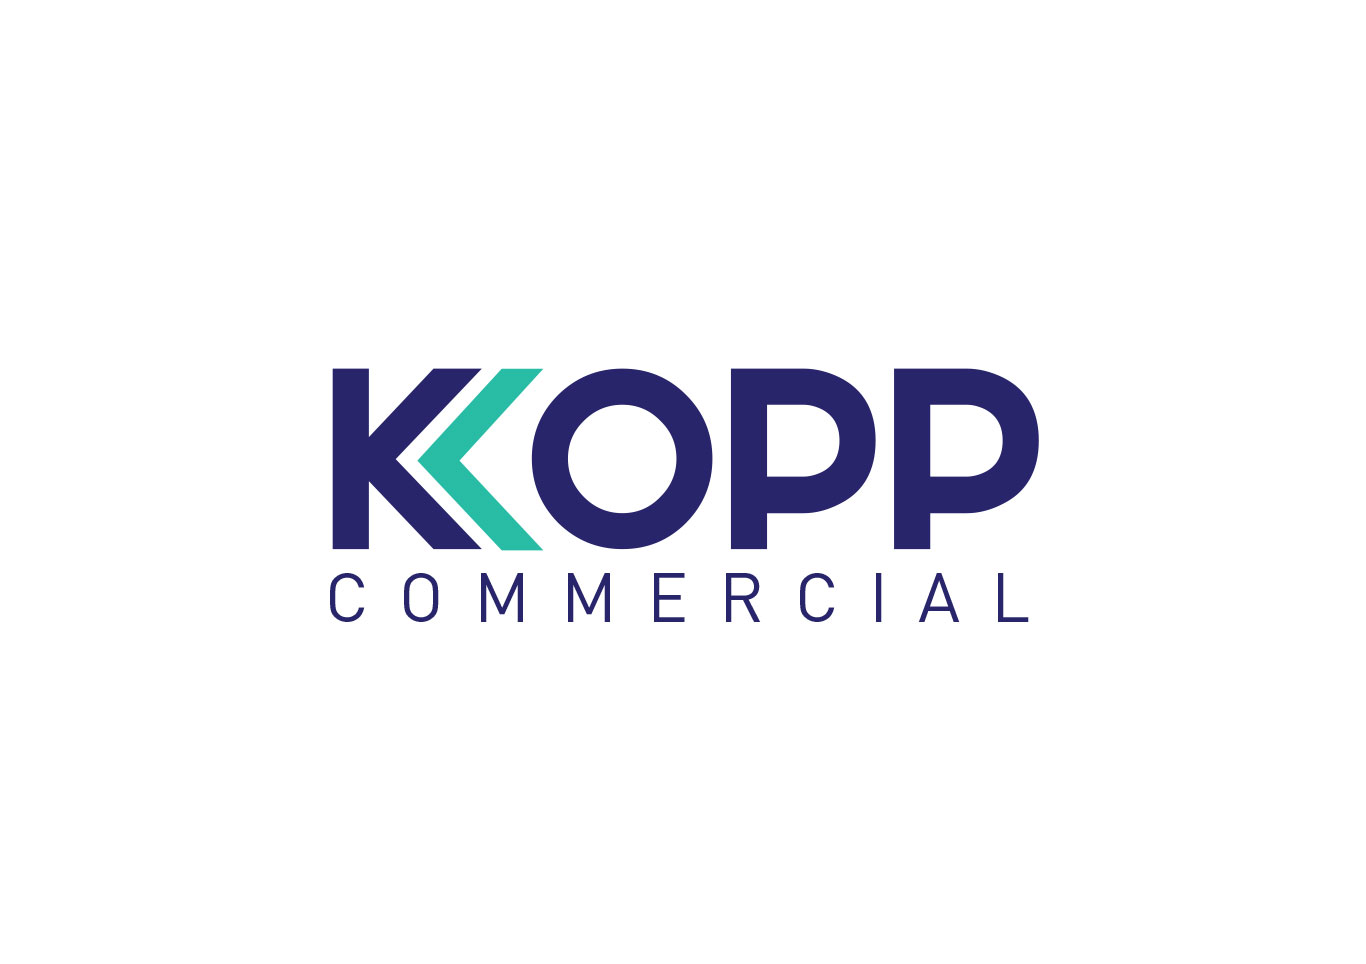 kopp_commercial_logo